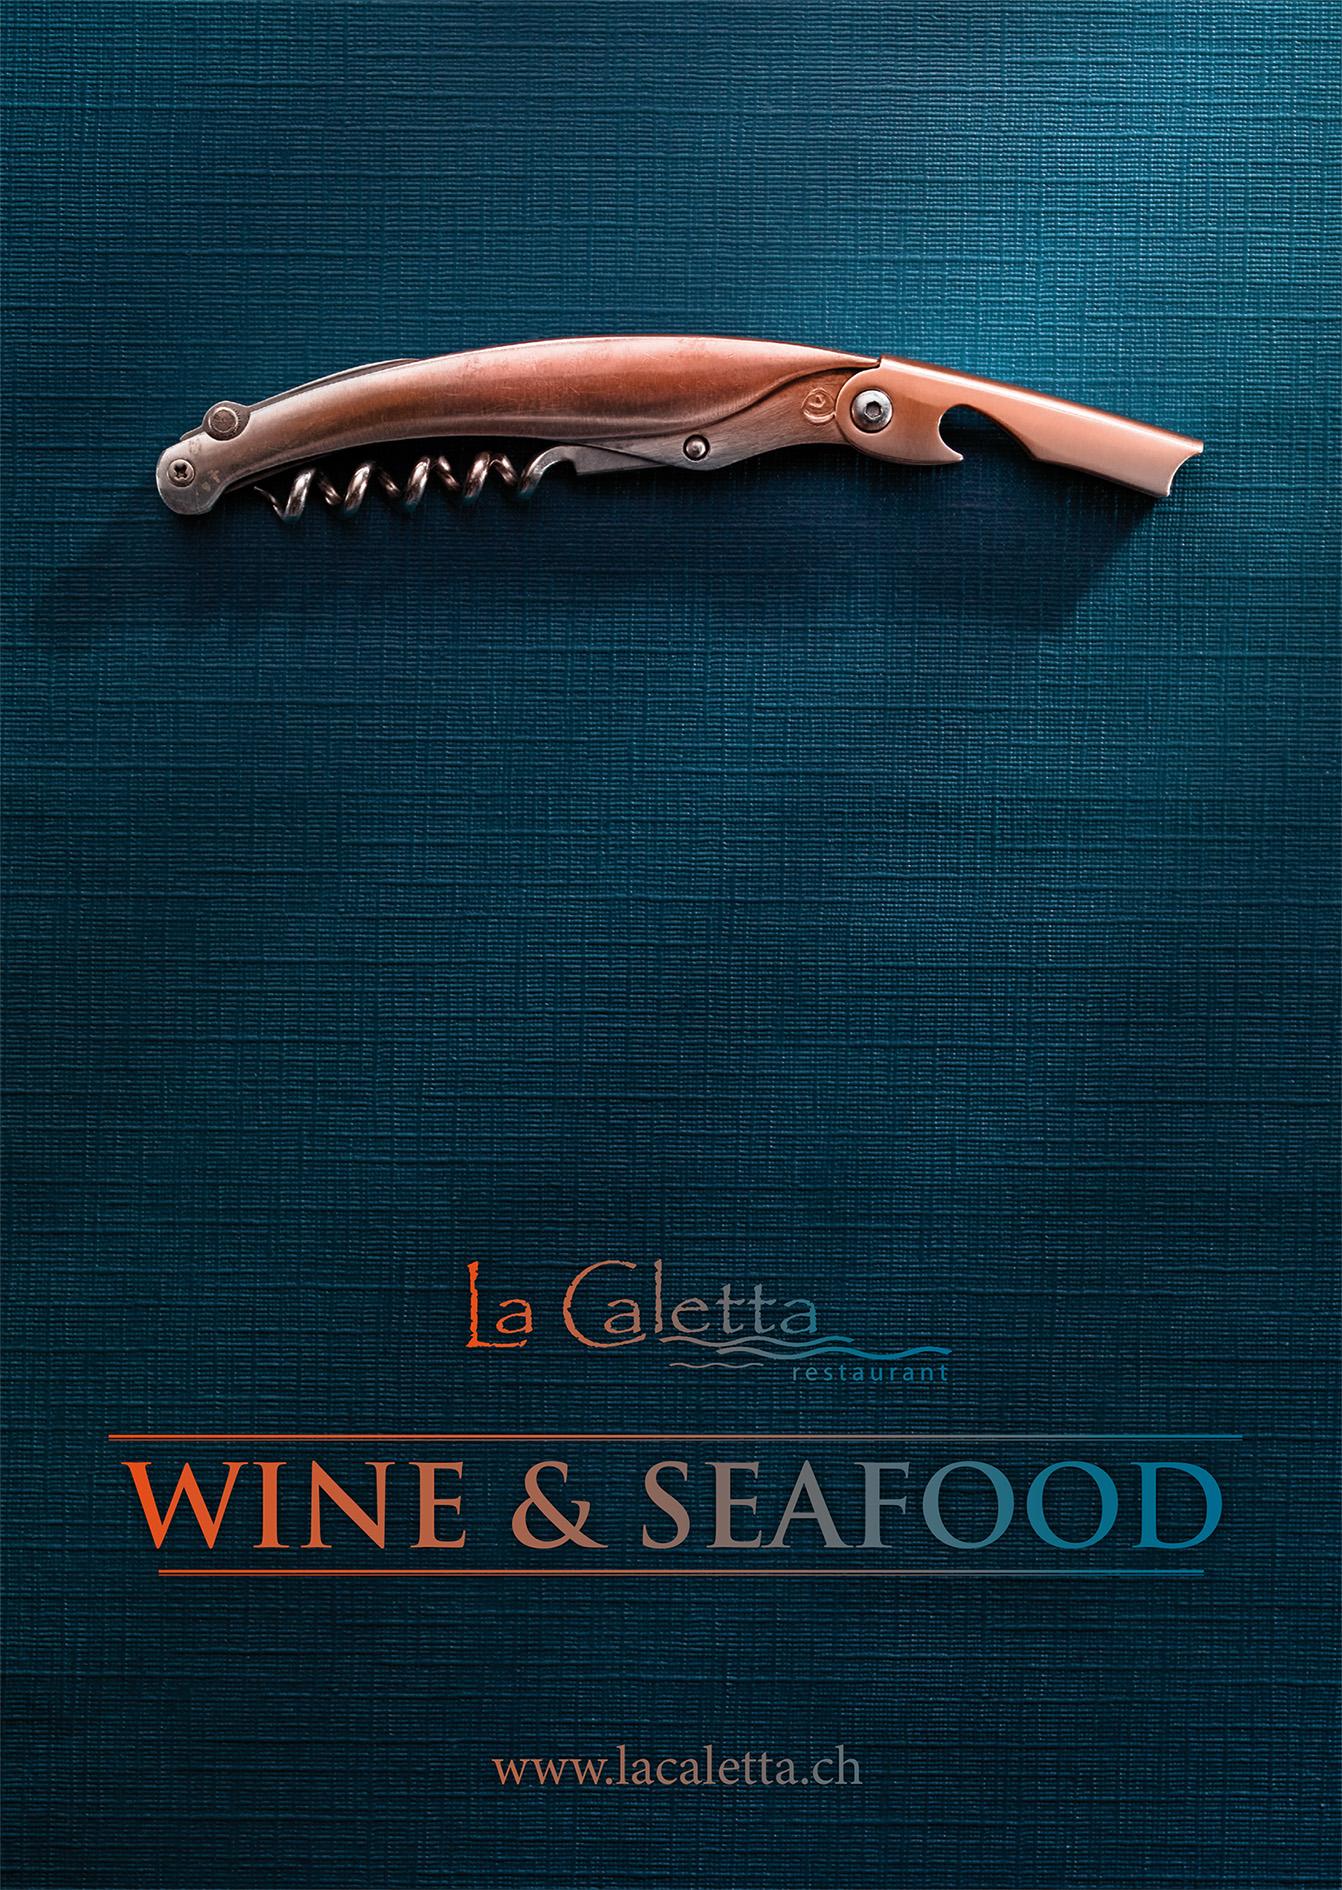 La Caletta Fischrestaurant. Keyvisual, Corporate und Kommunikation